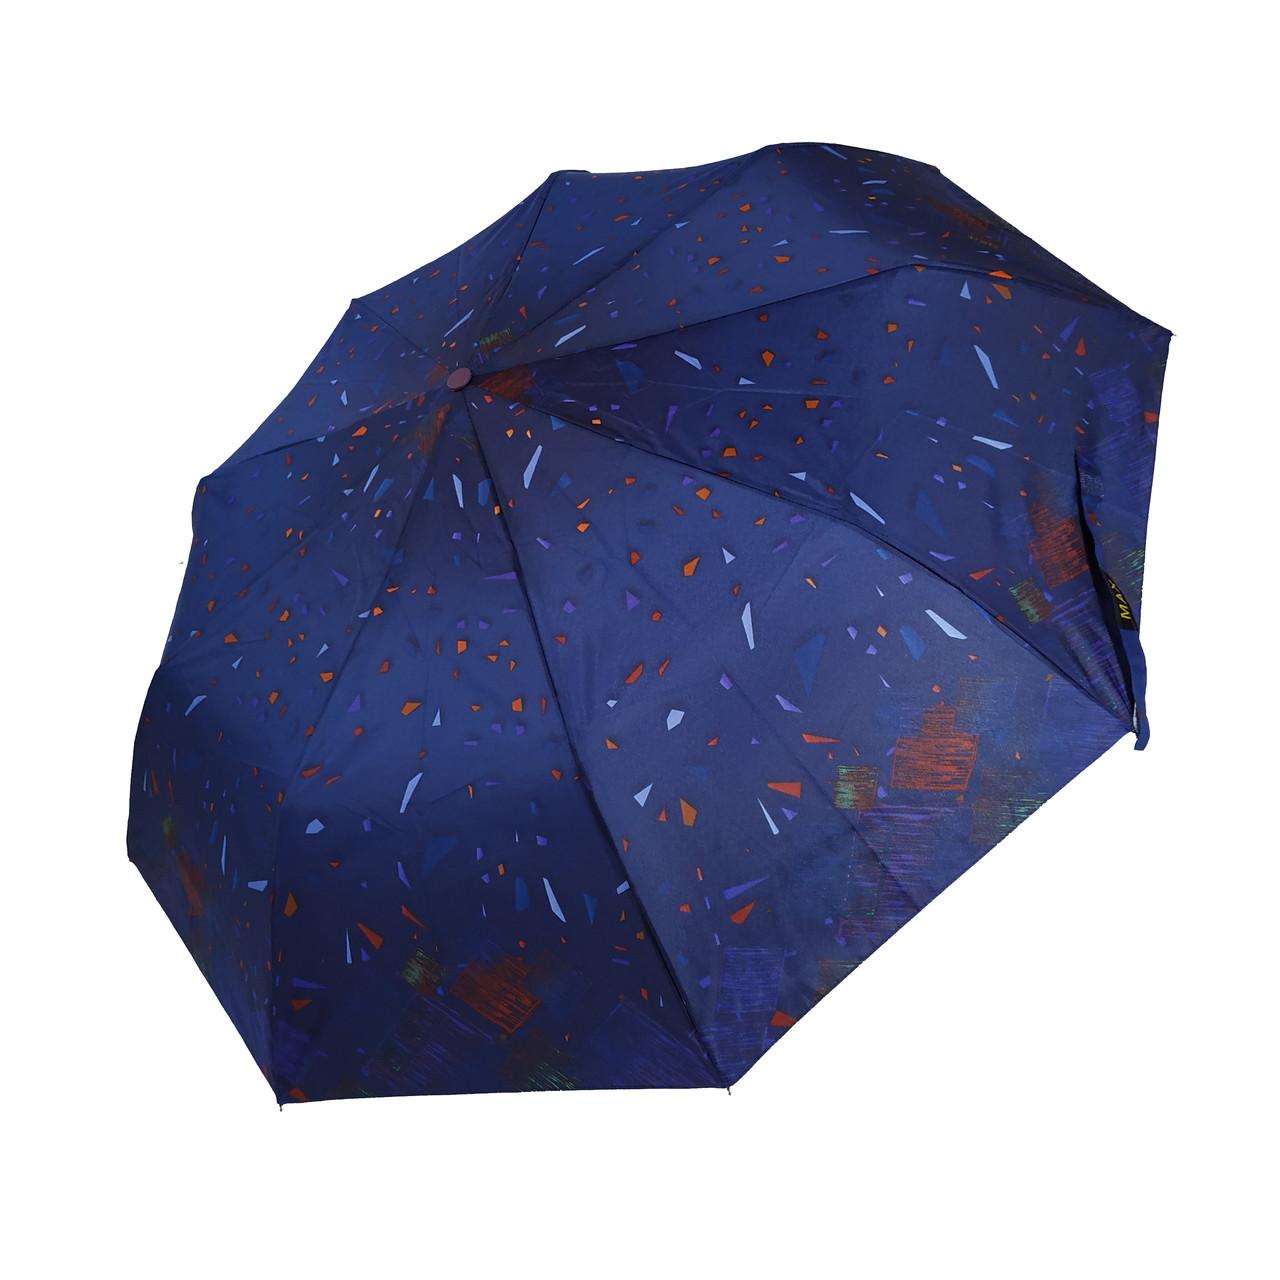 Женский зонт полуавтомат Max с яркими красочными принтами на 9 спиц, 3058-2